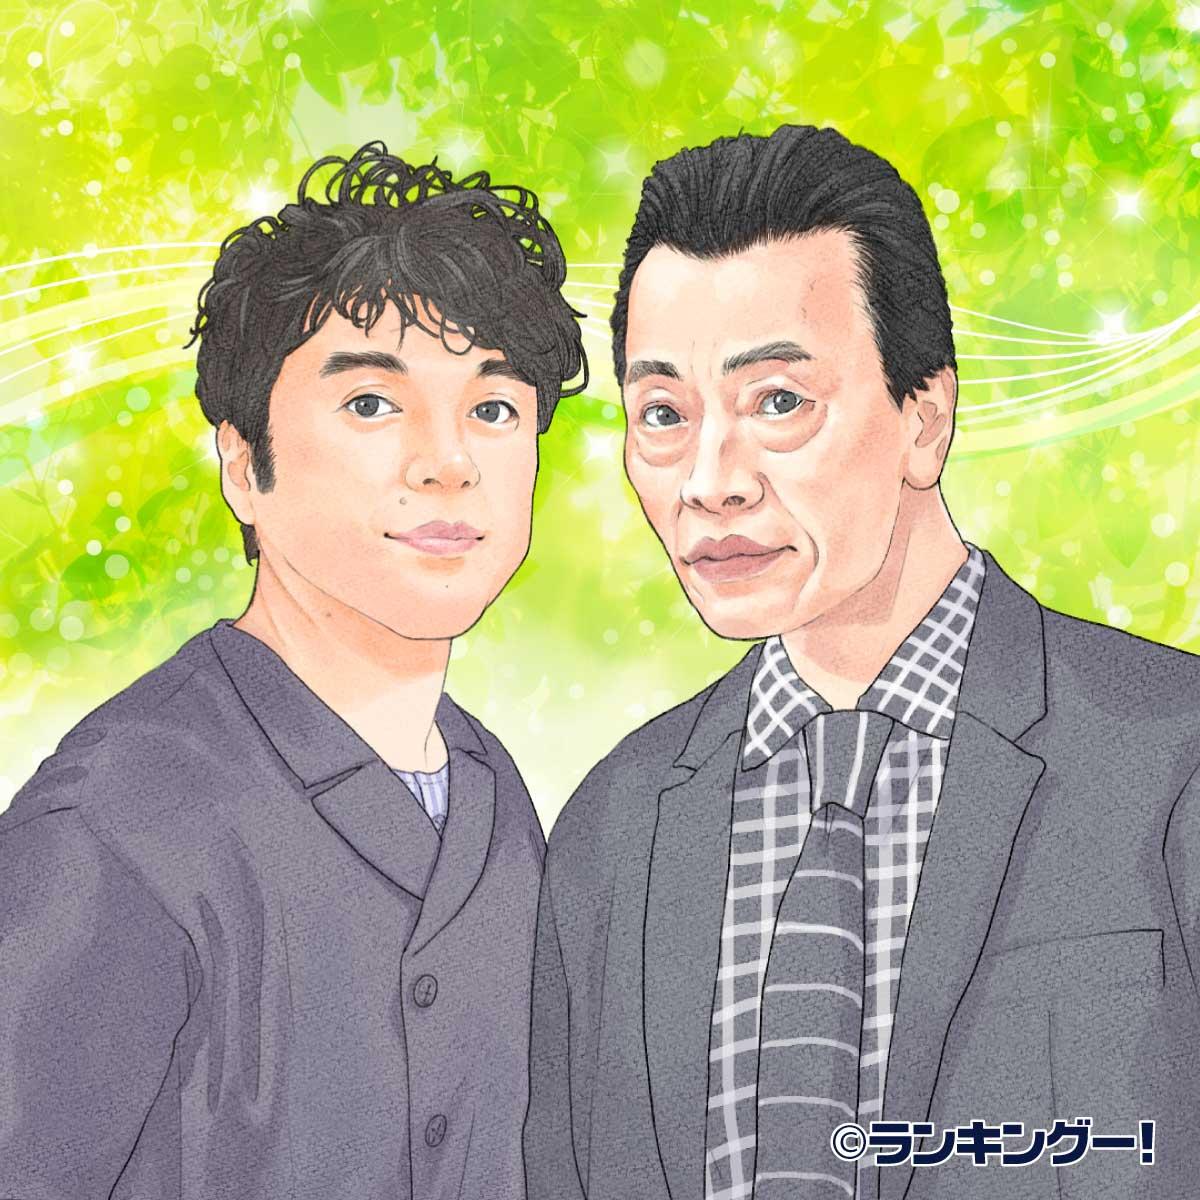 イケ おじ 俳優